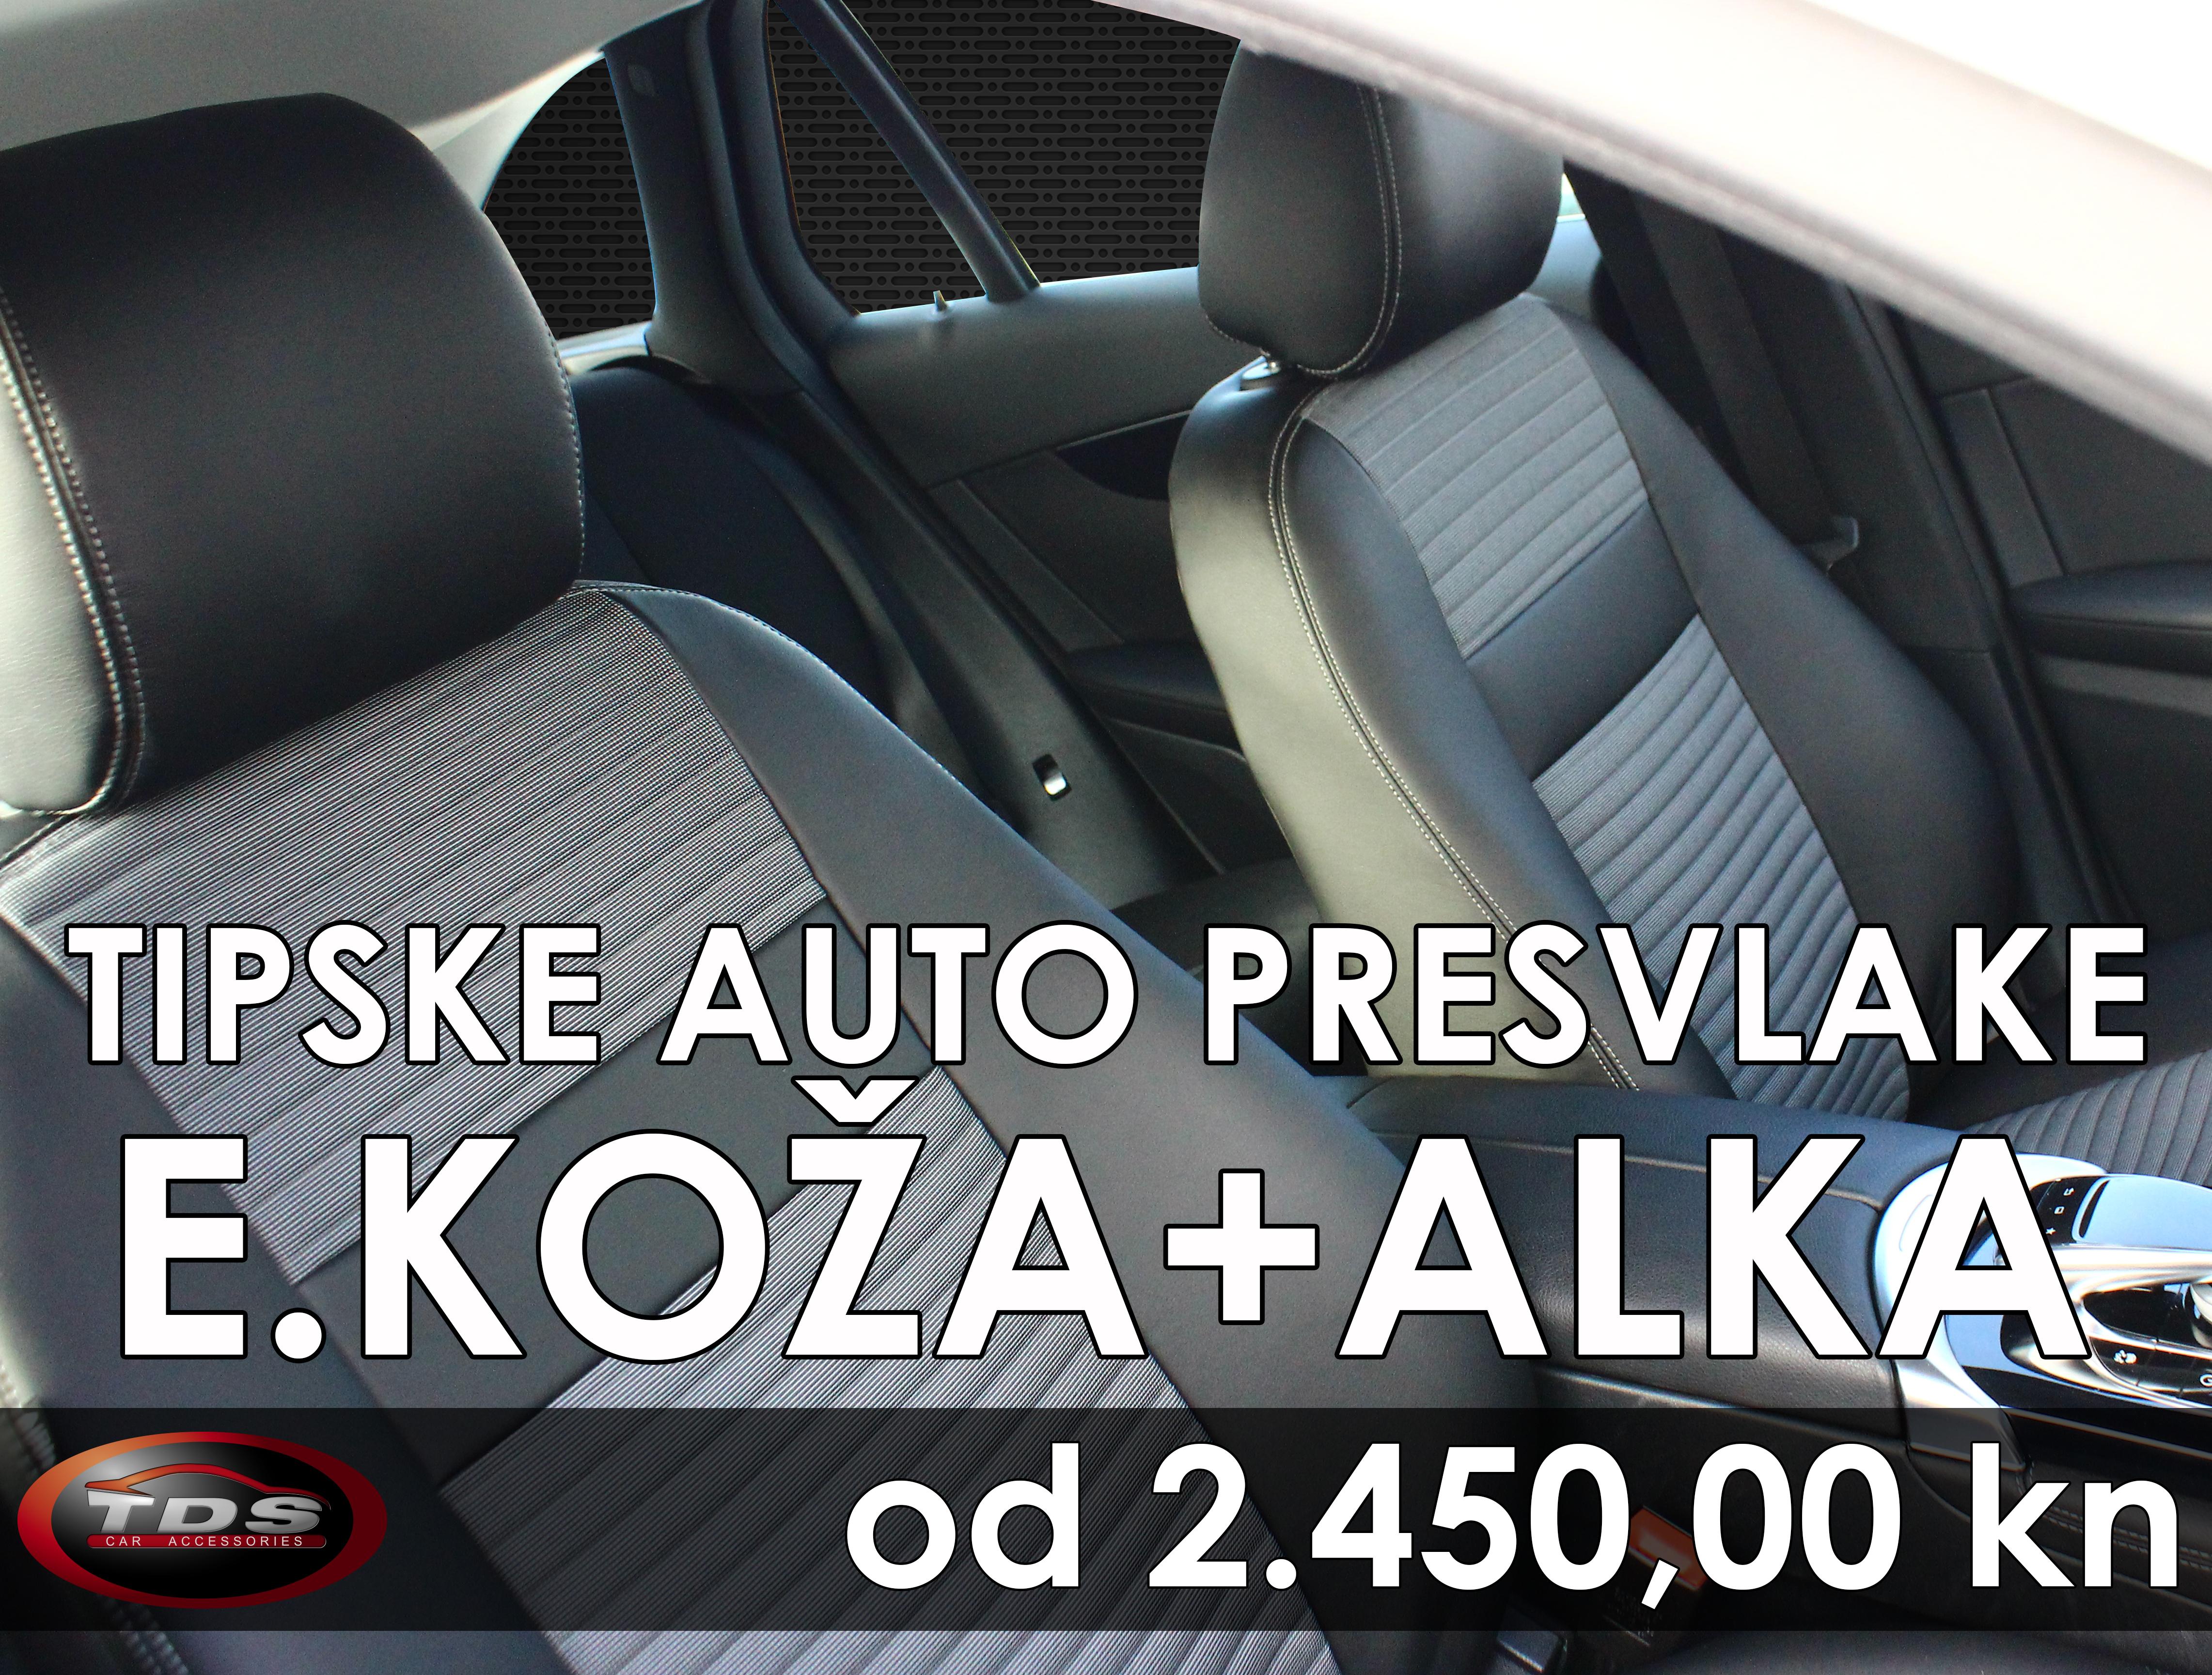 Tds Hr Vodeci Regionalni Proizvođac Auto Presvlaka I Auto Tepiha